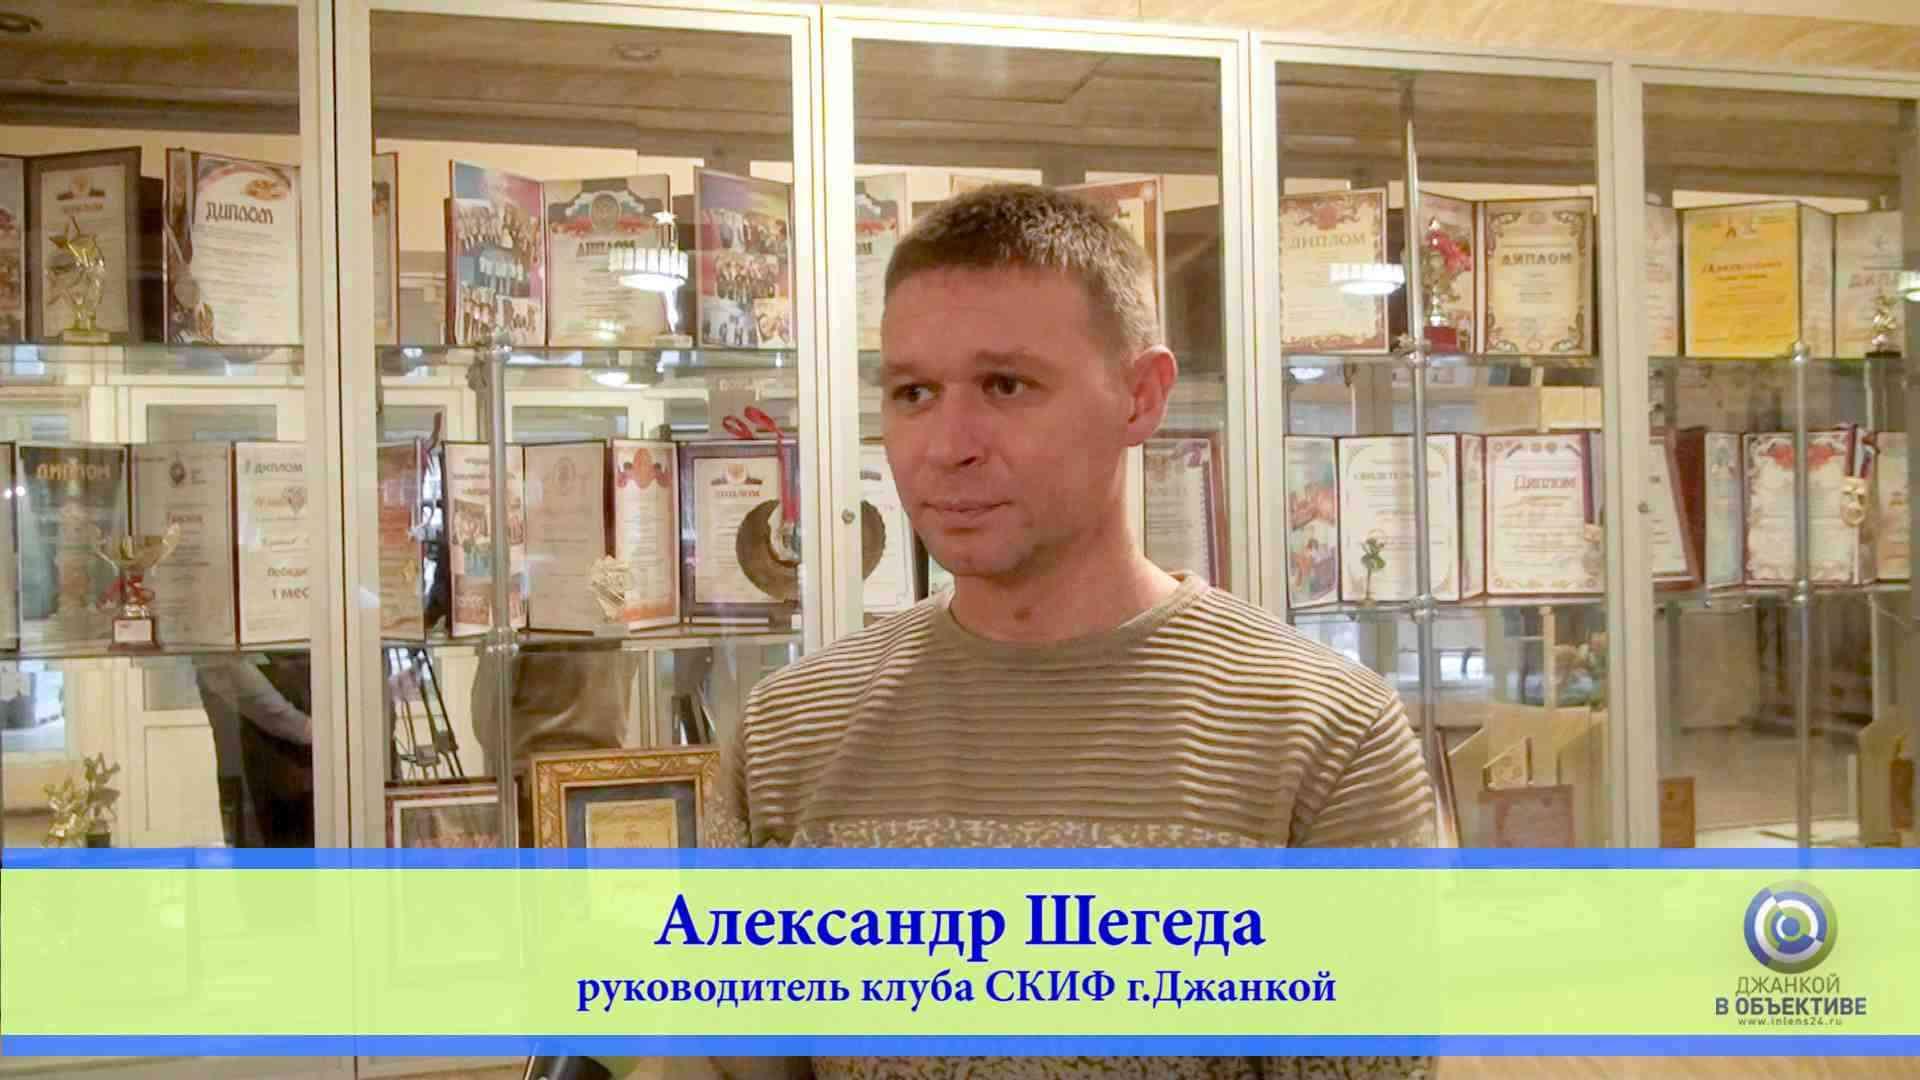 Тренер клуба Александр Шегеда. Чемпионки из Джанкоя.